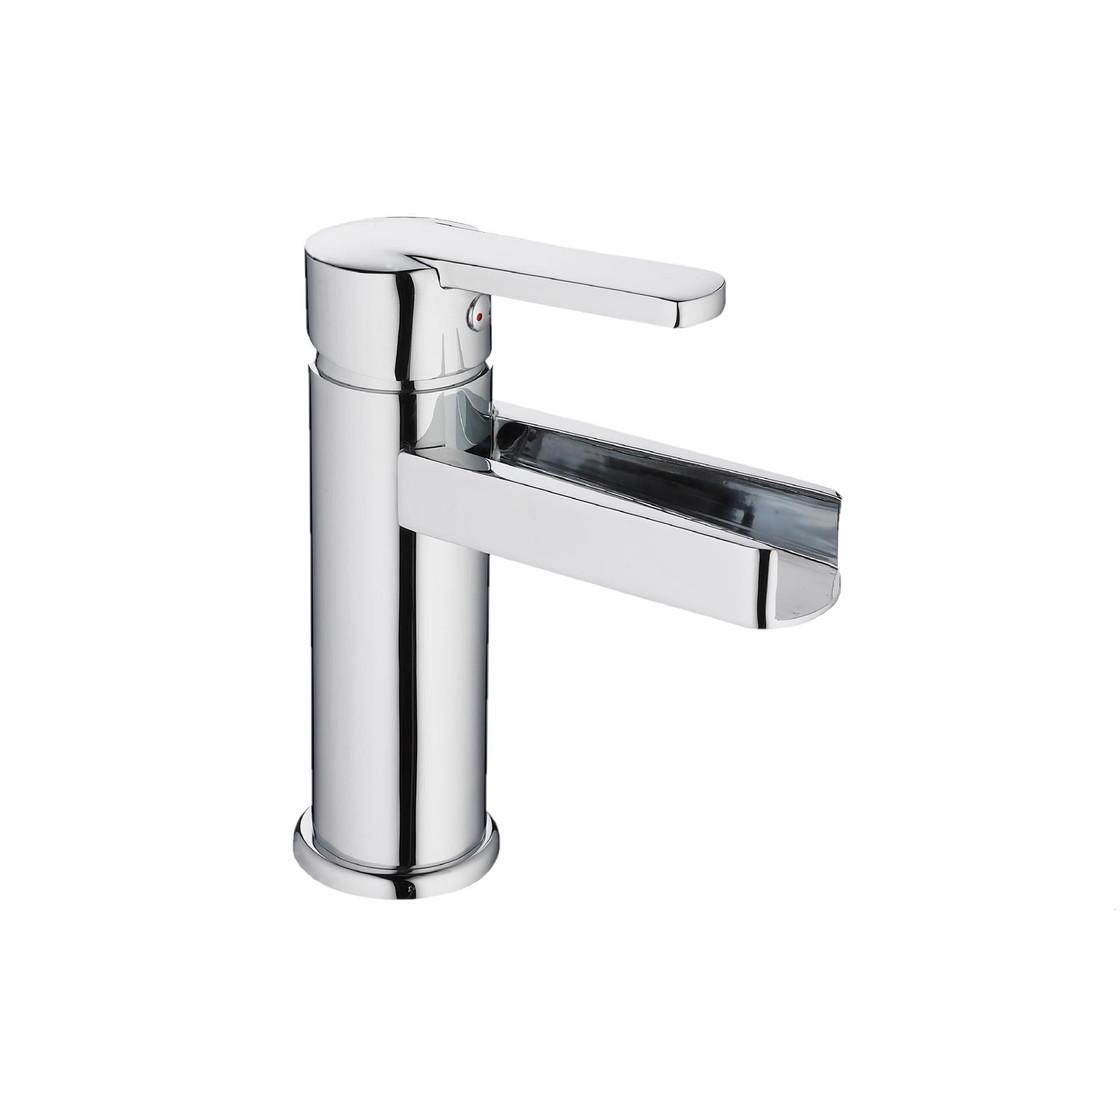 Schütte Design-Waschtischarmatur NIAGARA, Chrom 26110 Badezimmer Armatur